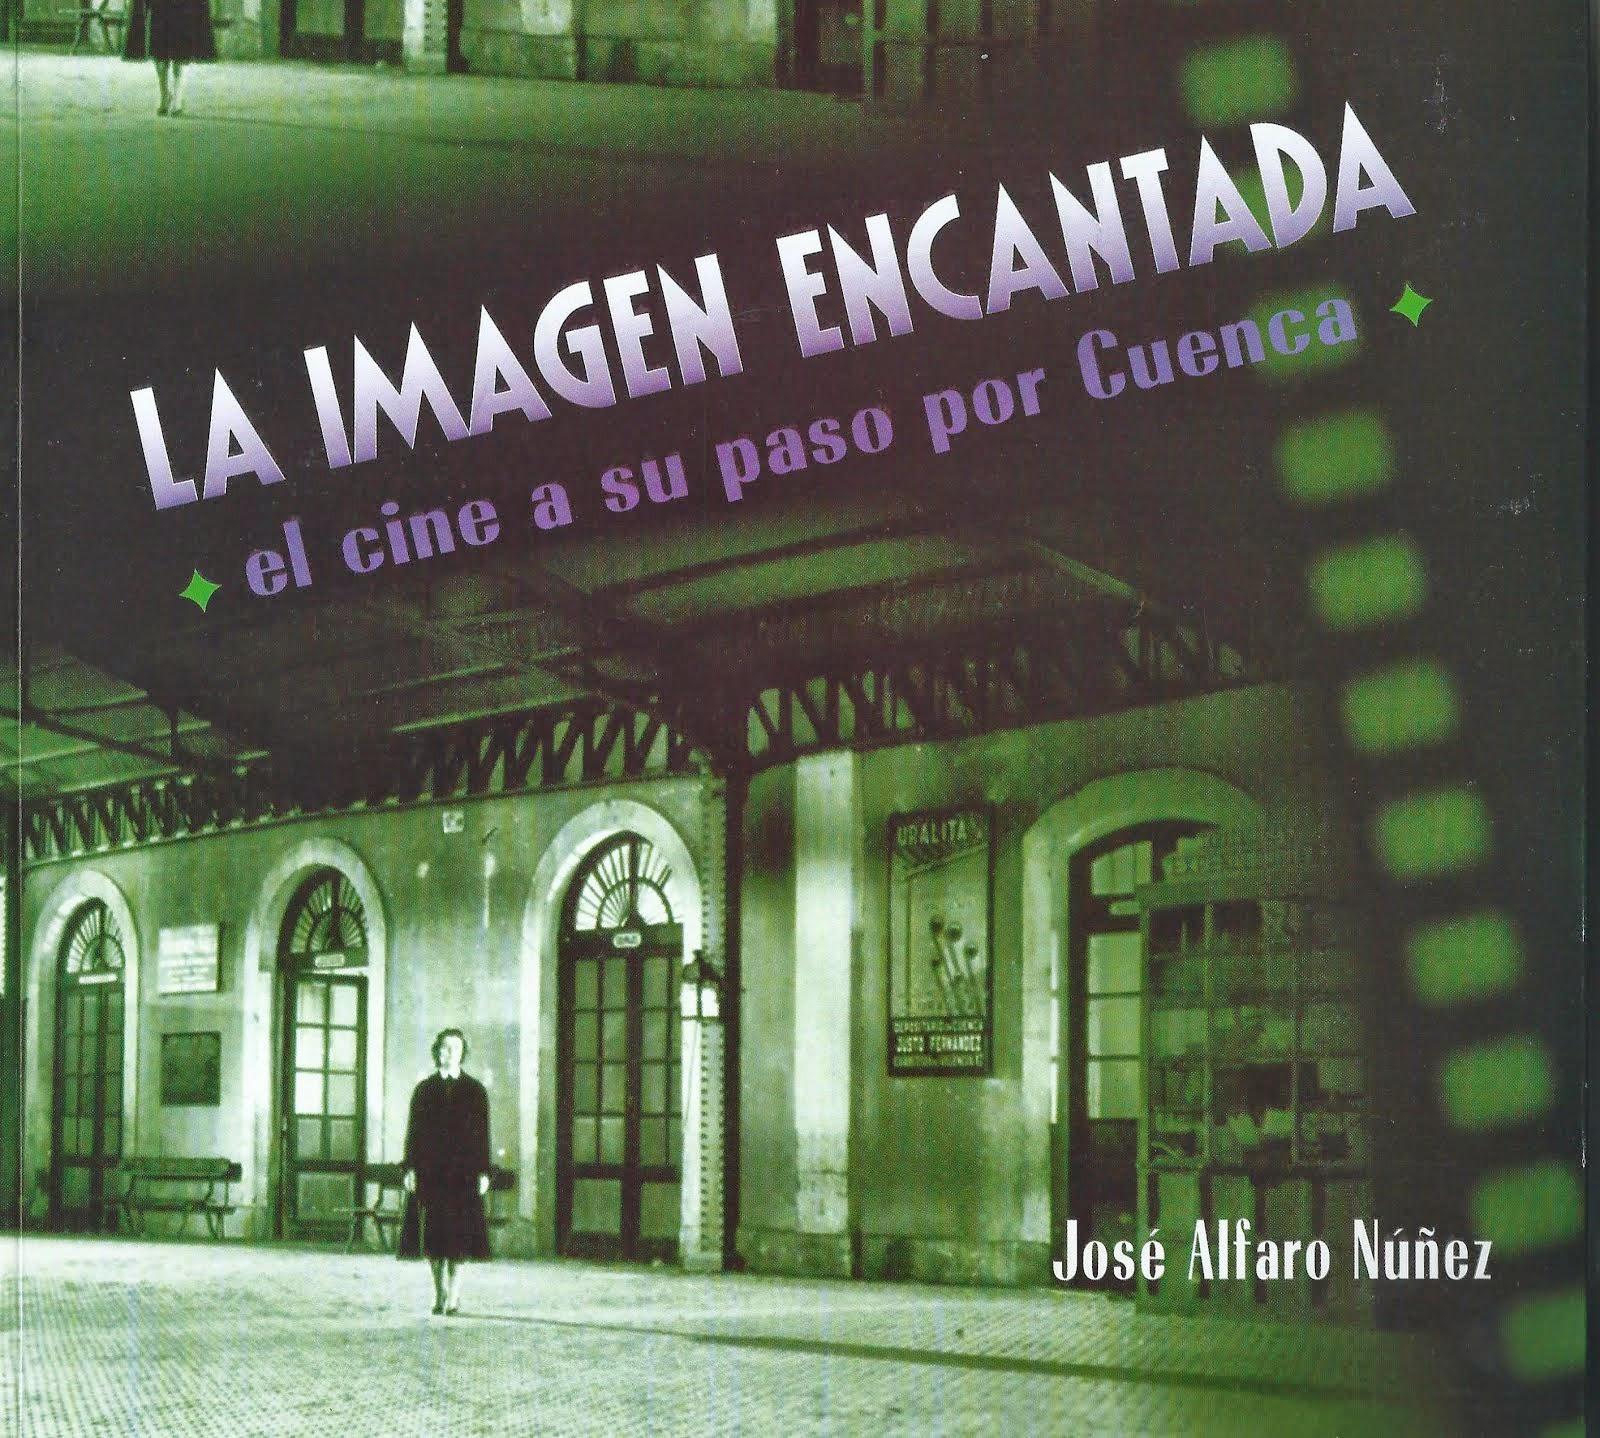 LA IMAGEN ENCANTADA, el cine a su paso por Cuenca